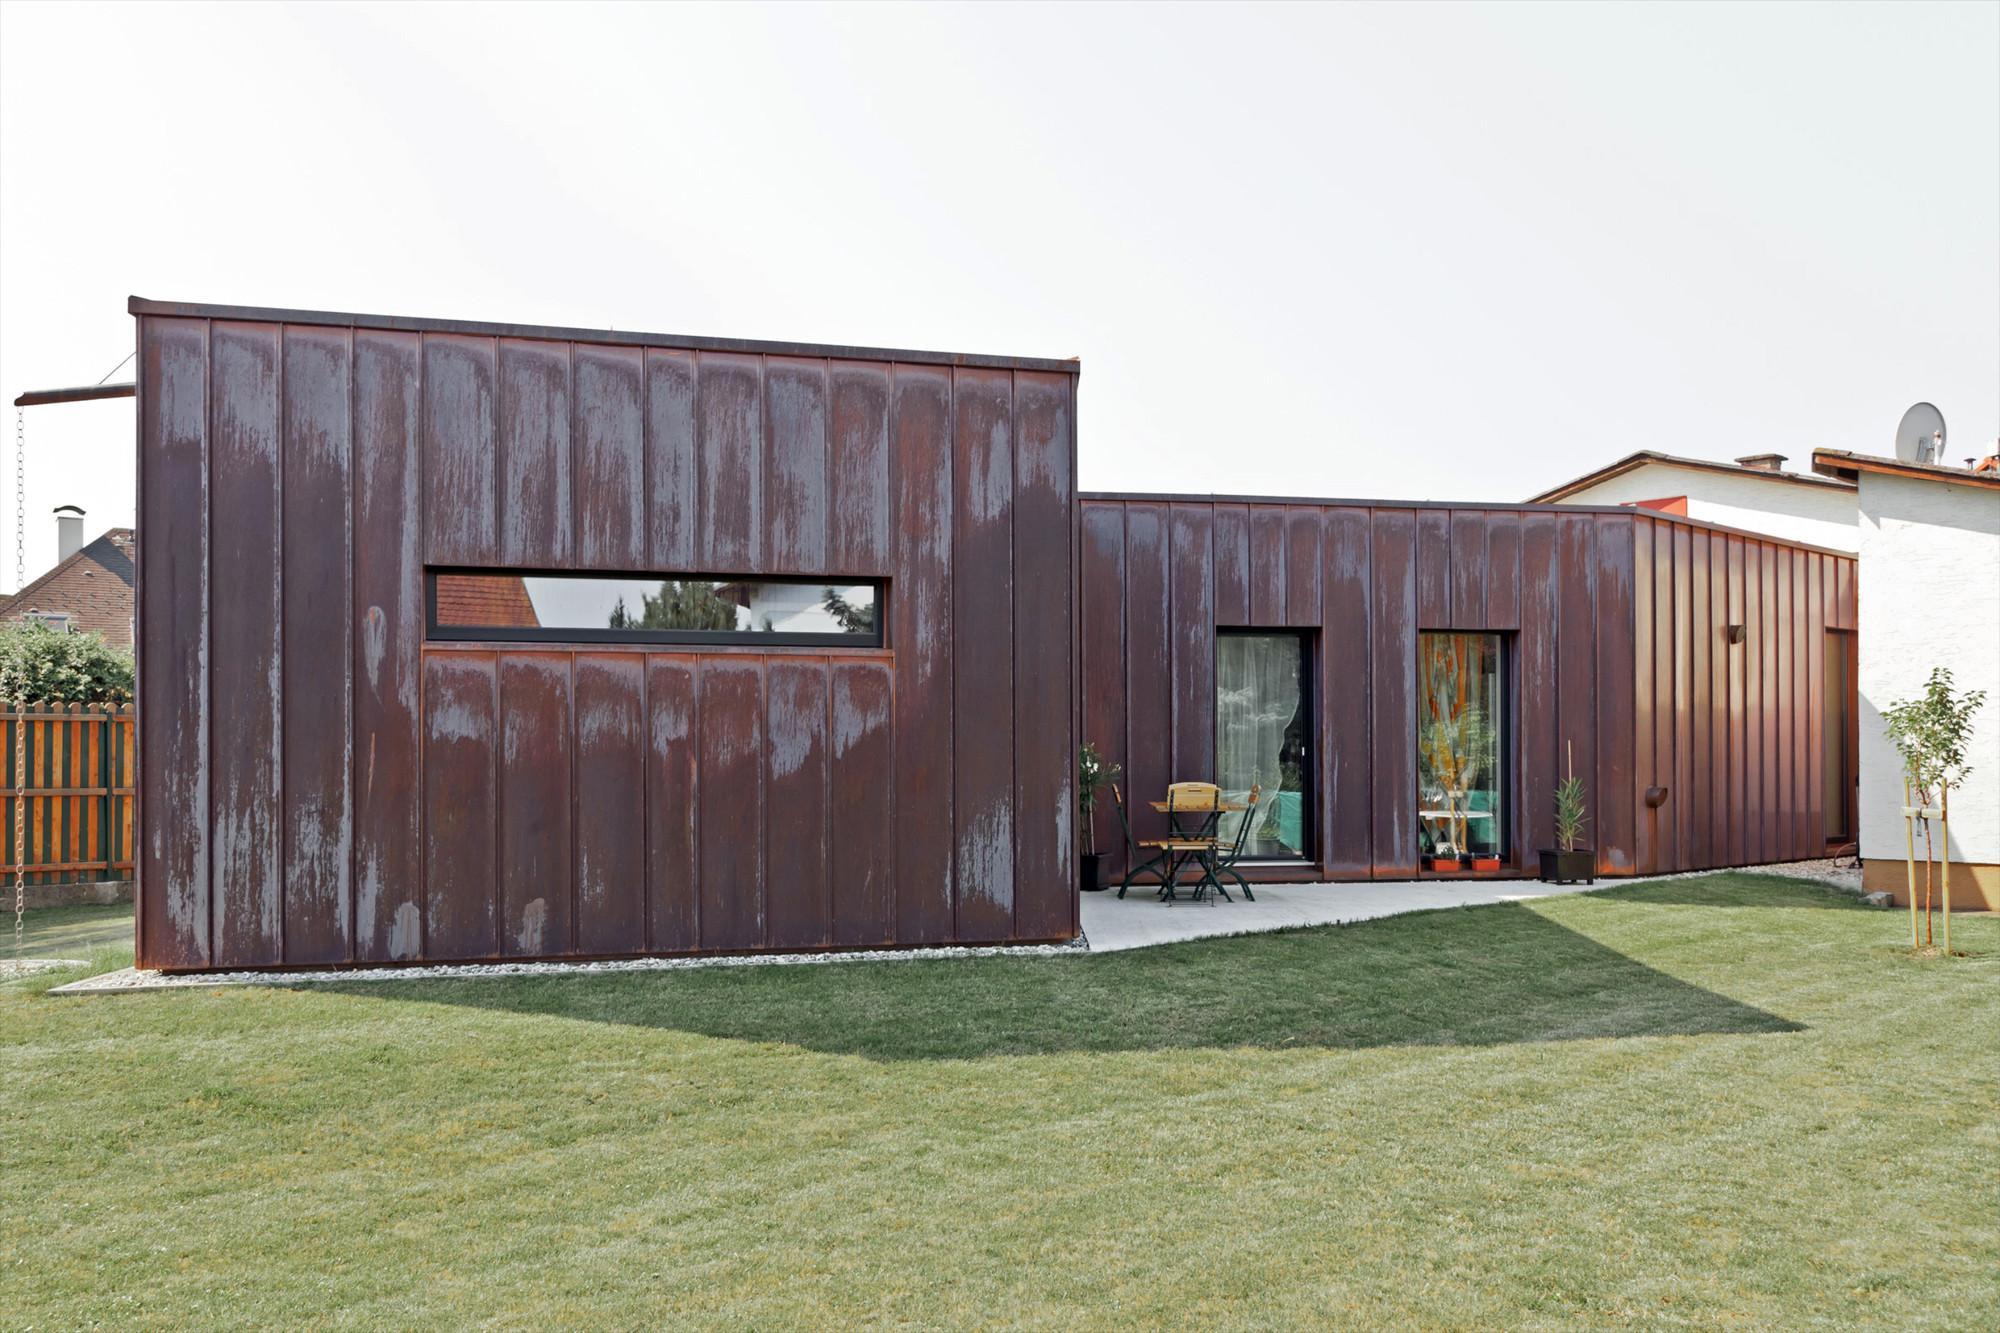 House ICP / architekten, © Ulrich Kehrer